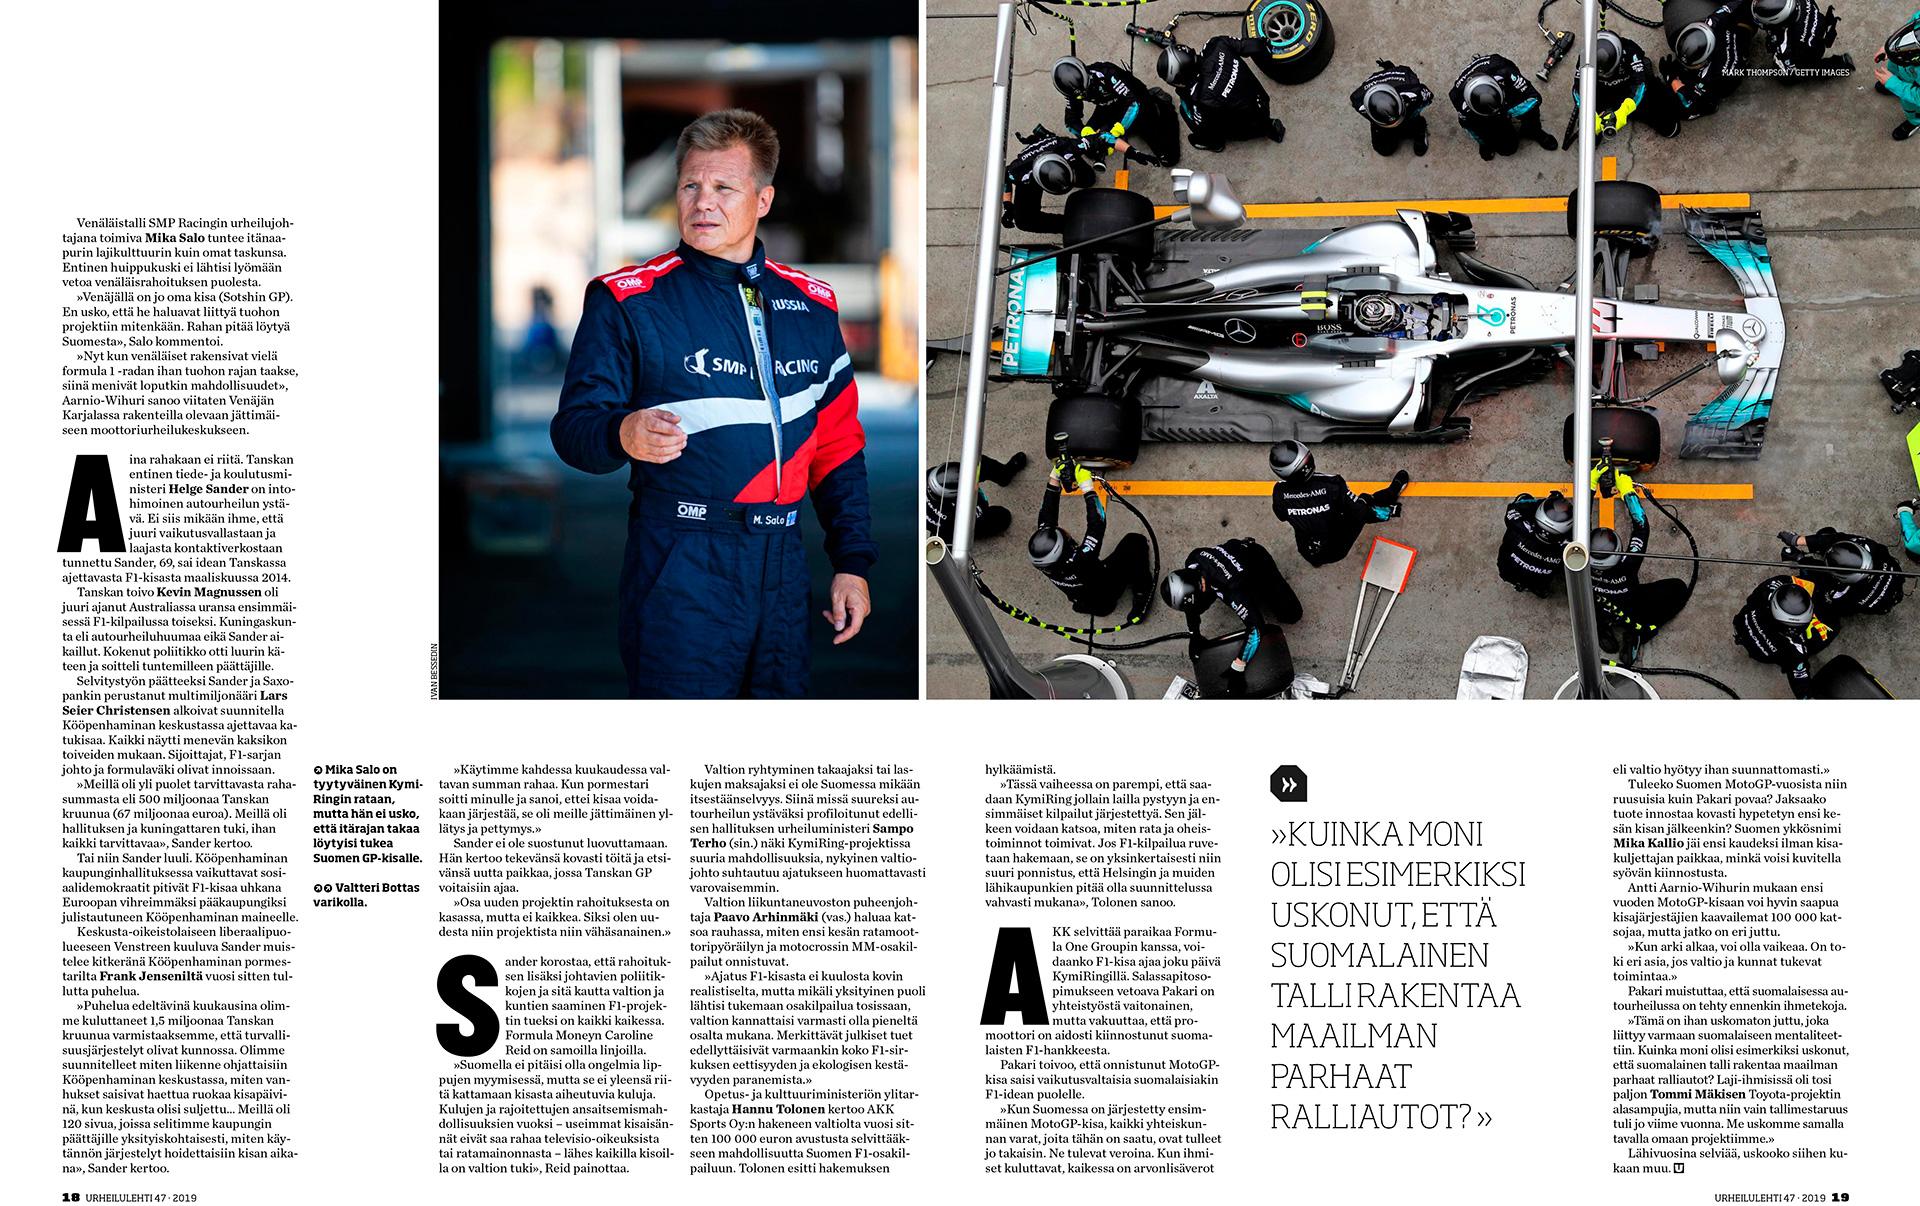 Urheilu Lehti, Ilta-Sanomat, Mika Salo, racing driver, suomalainen autourheilija, entinen Formula 1 -kuljettaja